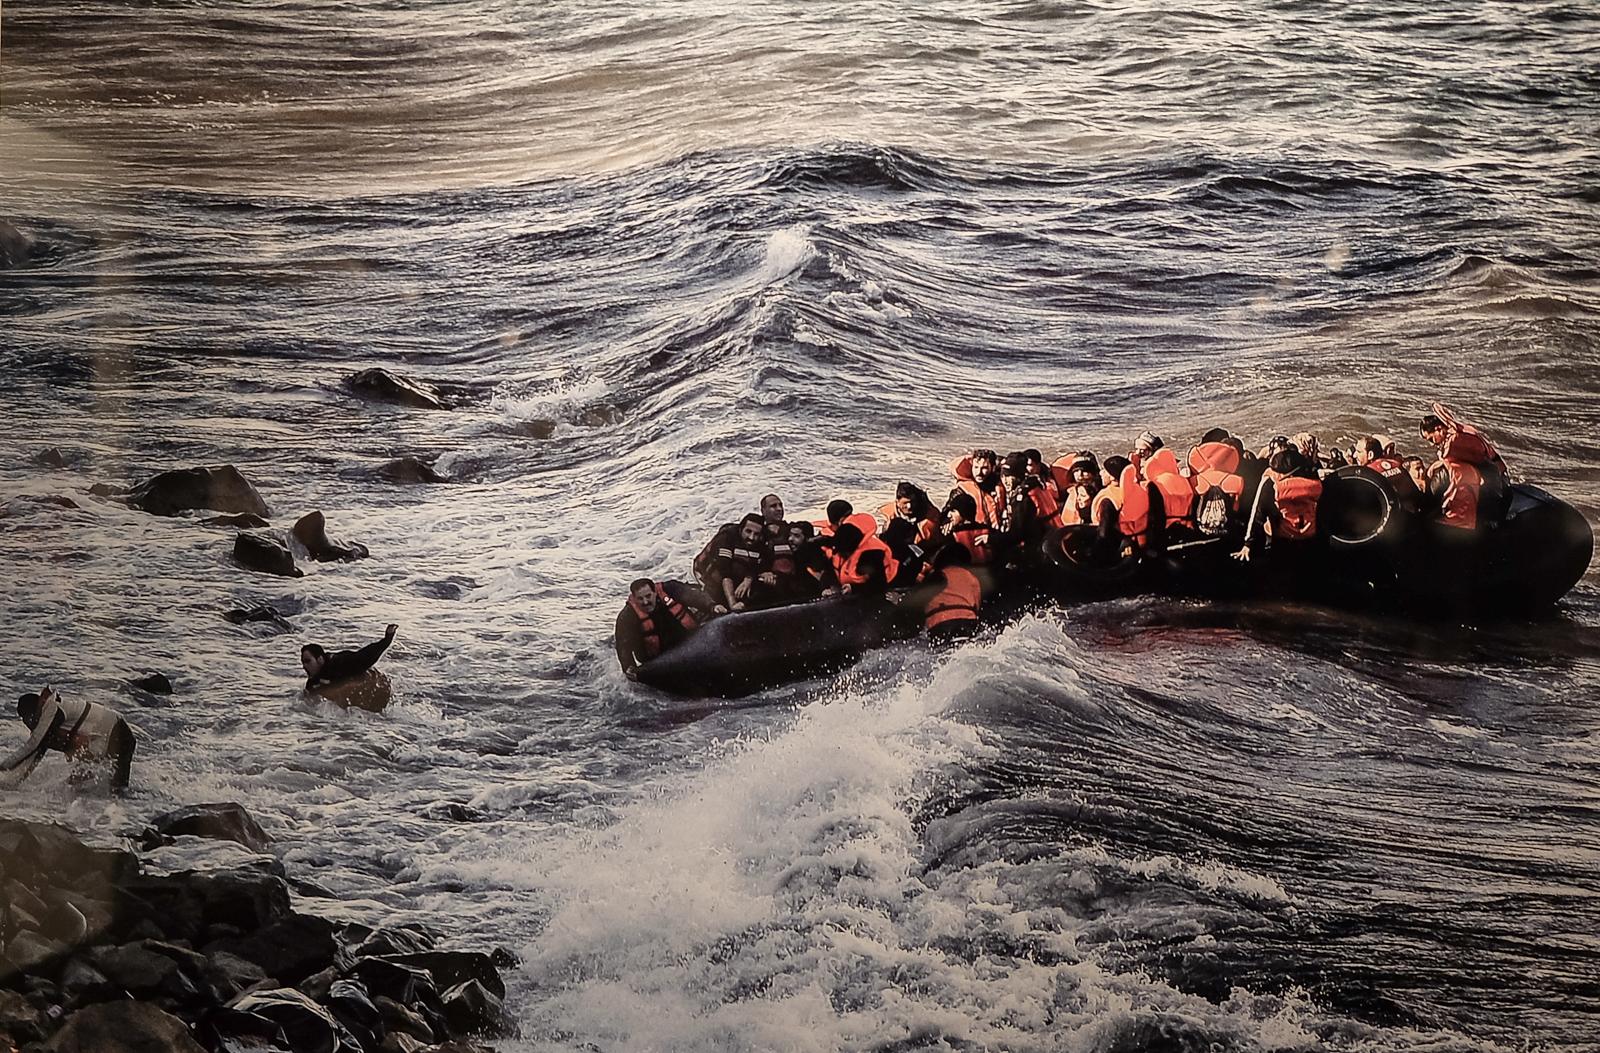 L'arribada dels refugiats | Foto: Aris Messinis